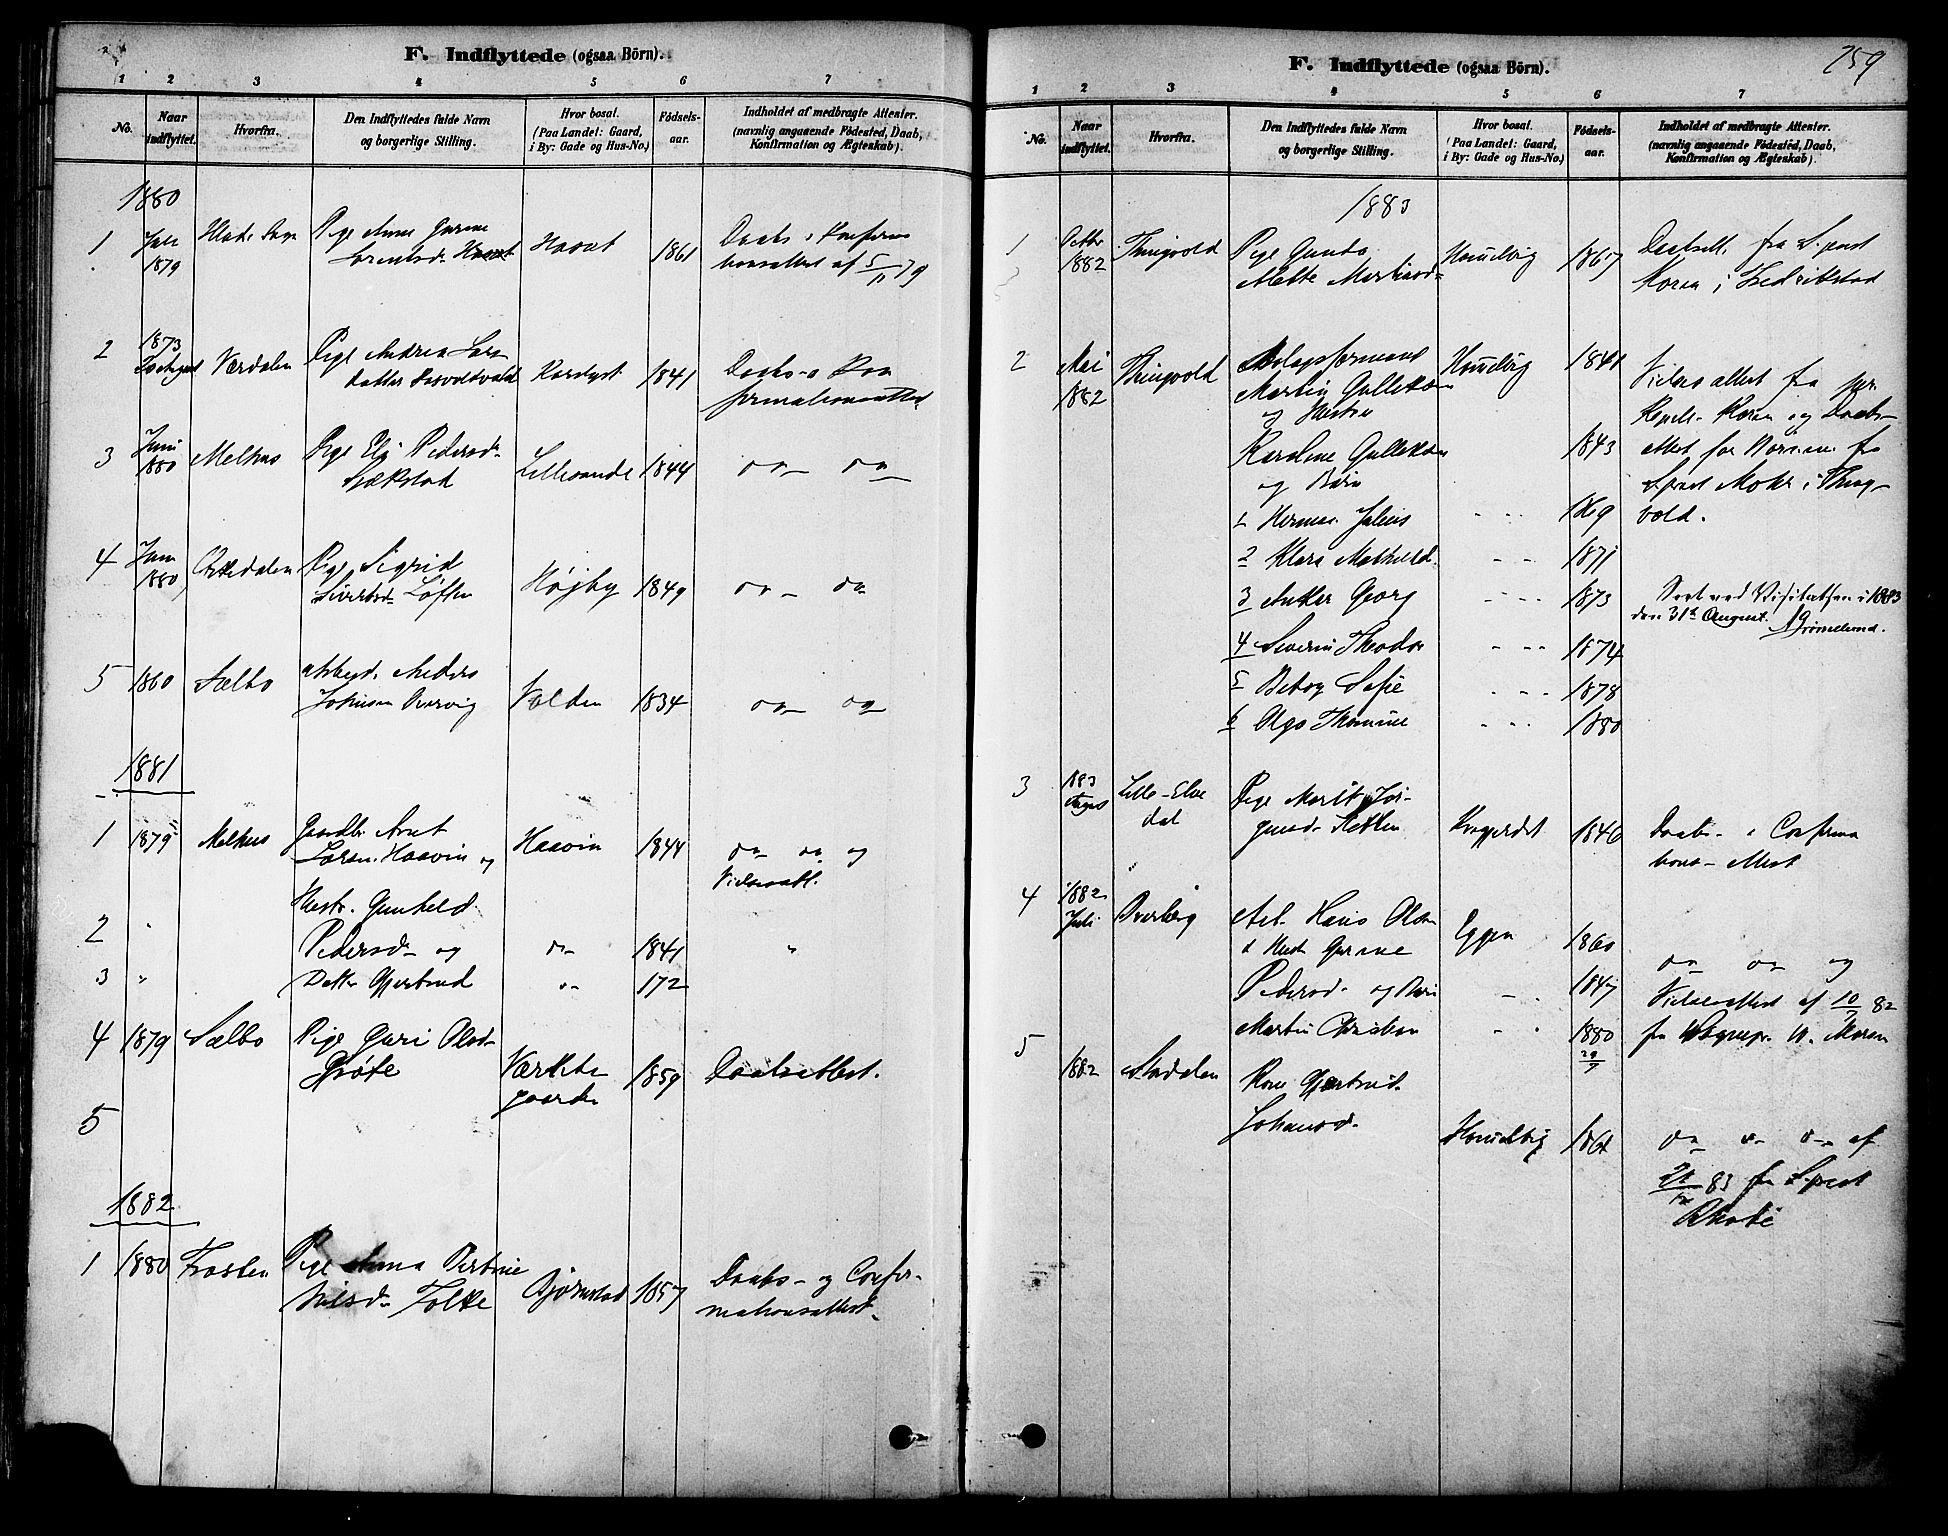 SAT, Ministerialprotokoller, klokkerbøker og fødselsregistre - Sør-Trøndelag, 616/L0410: Ministerialbok nr. 616A07, 1878-1893, s. 259